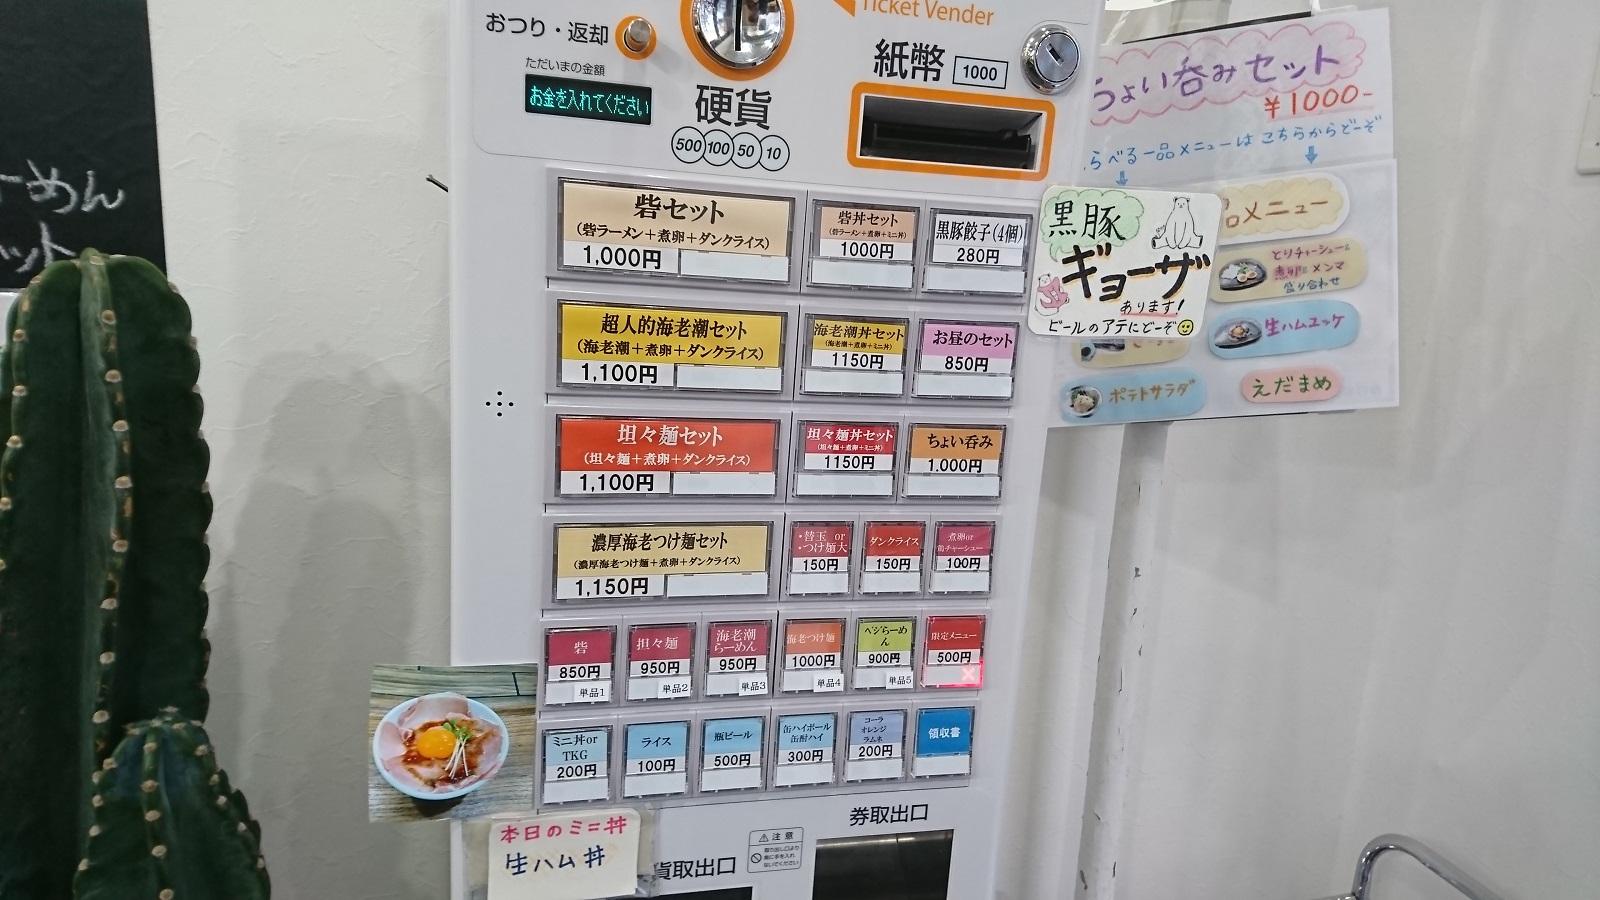 らーめん砦:券売機